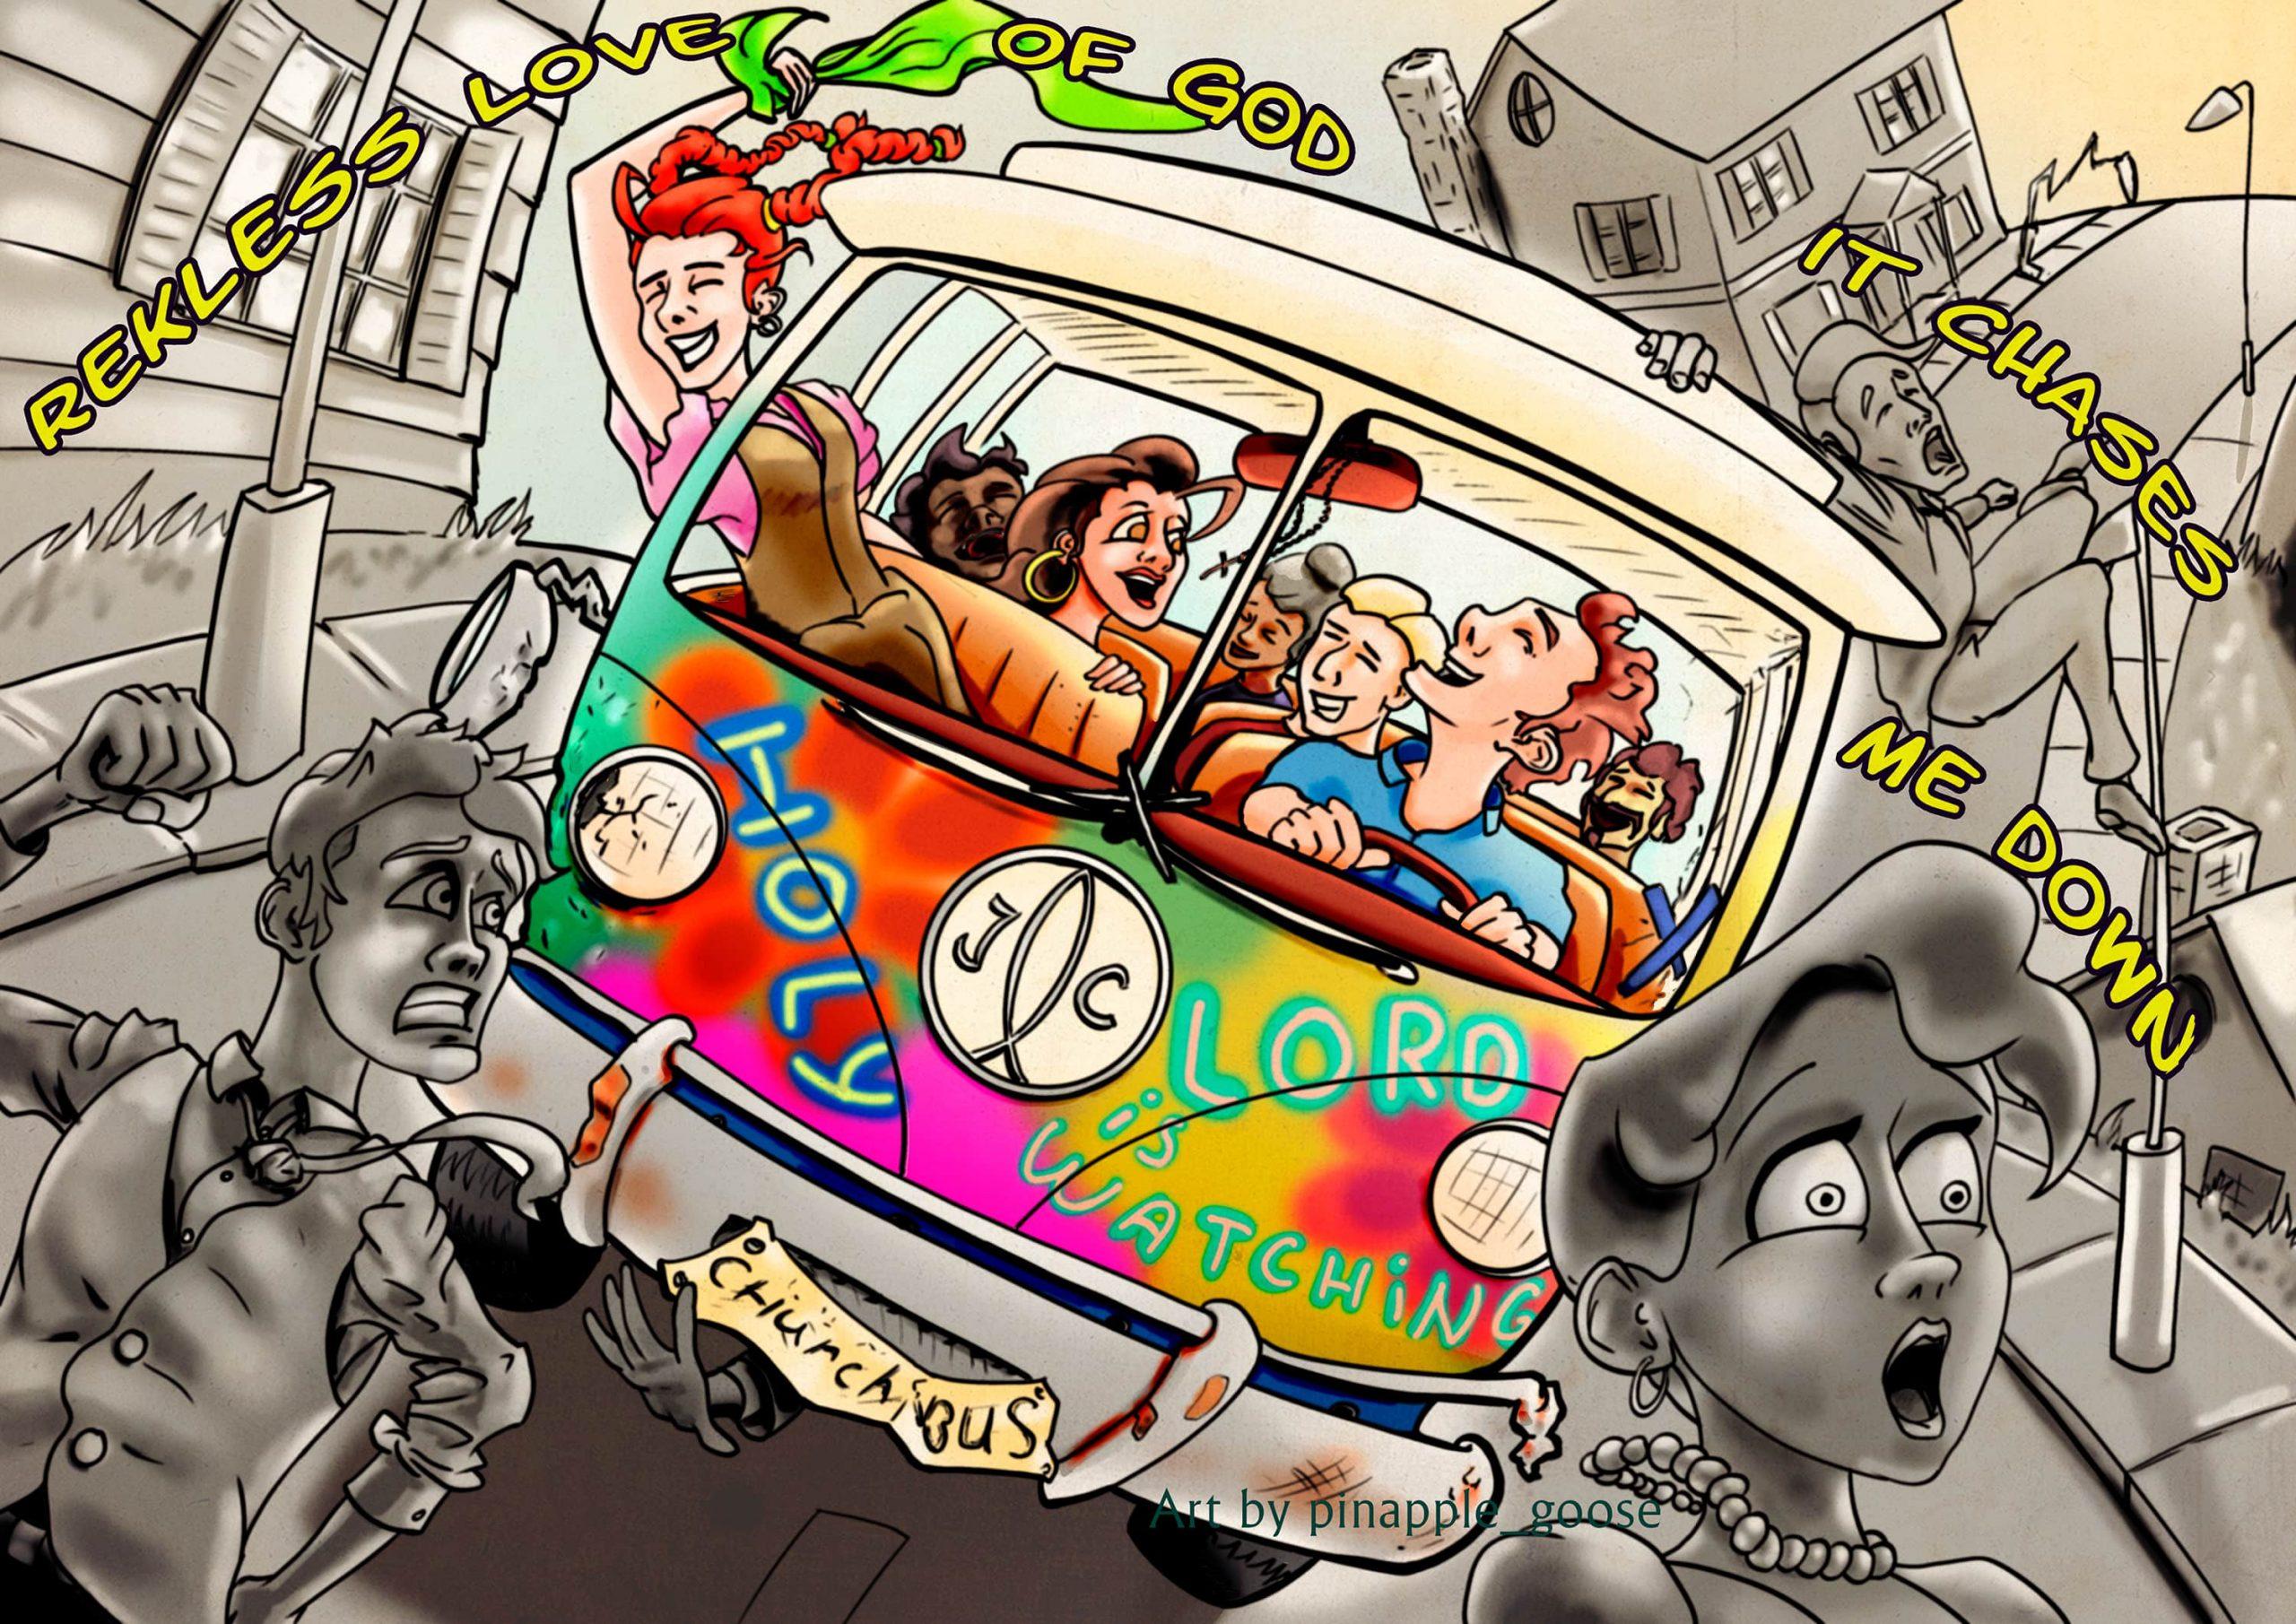 Church bus cartoon